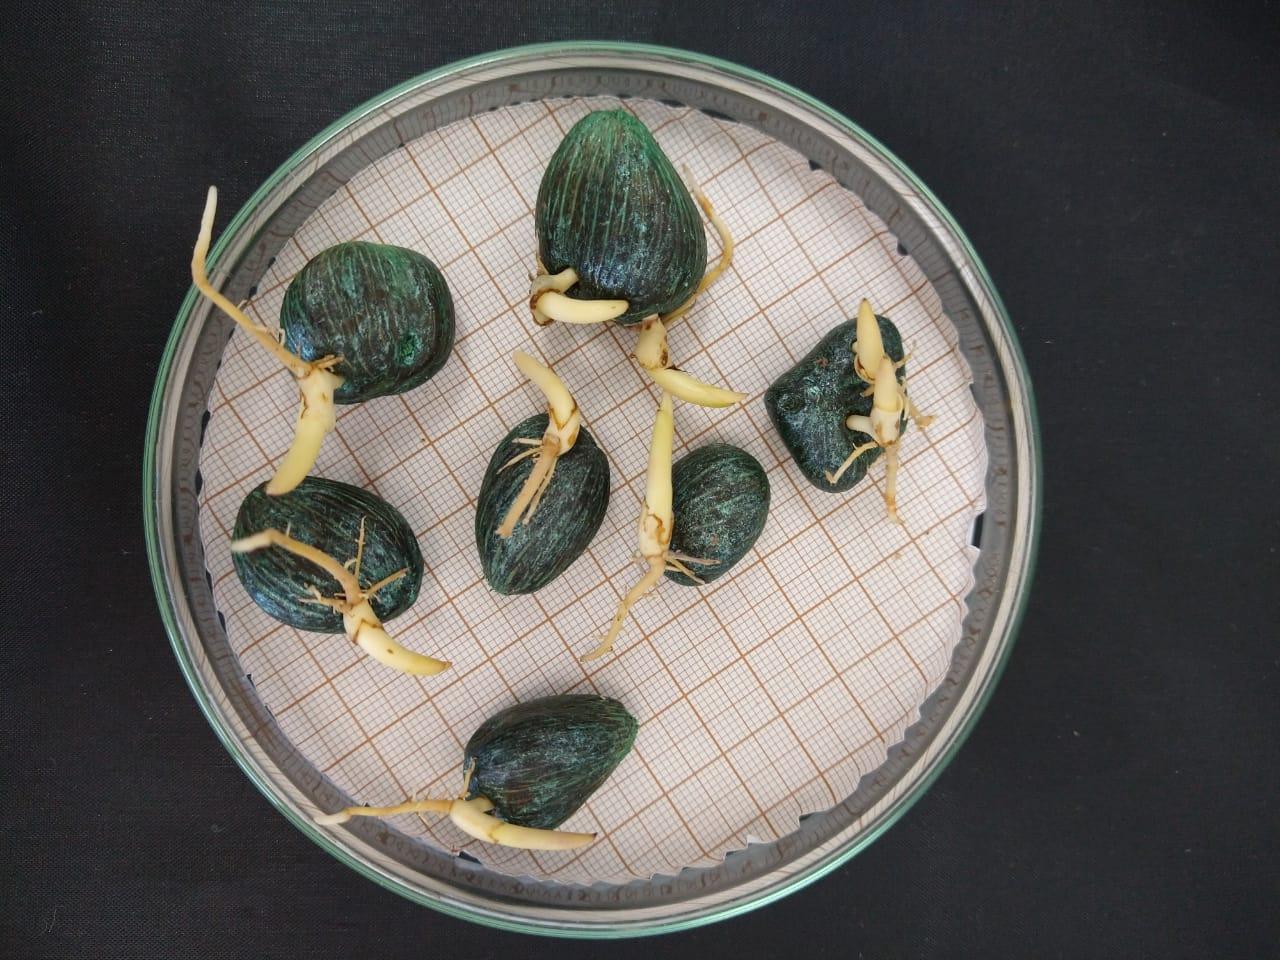 Sementes pré-germinadas de dendezeiro importadas da Costa Rica / African oil palm seeds